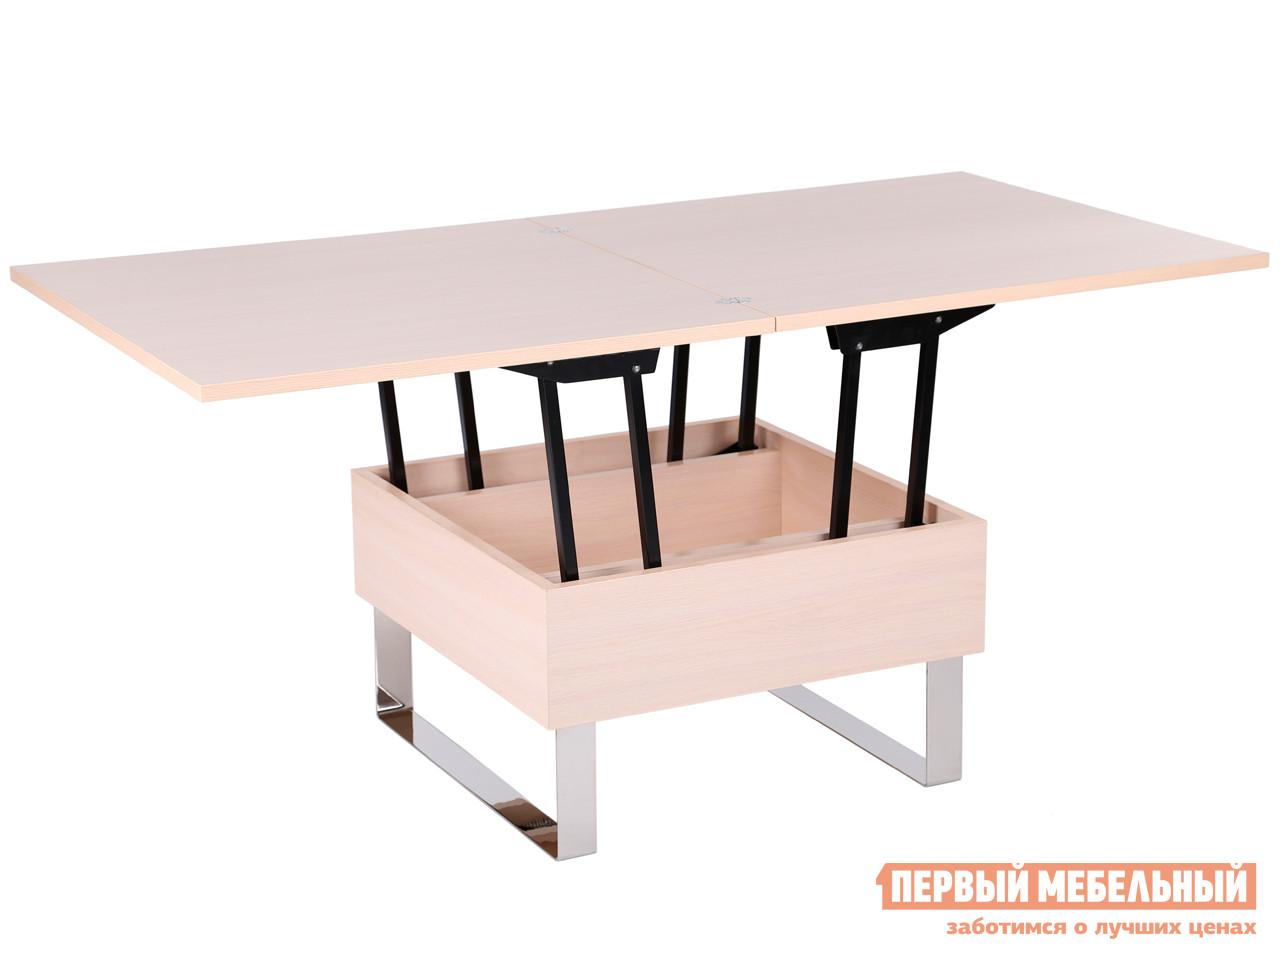 Купить дешево стол трансформер